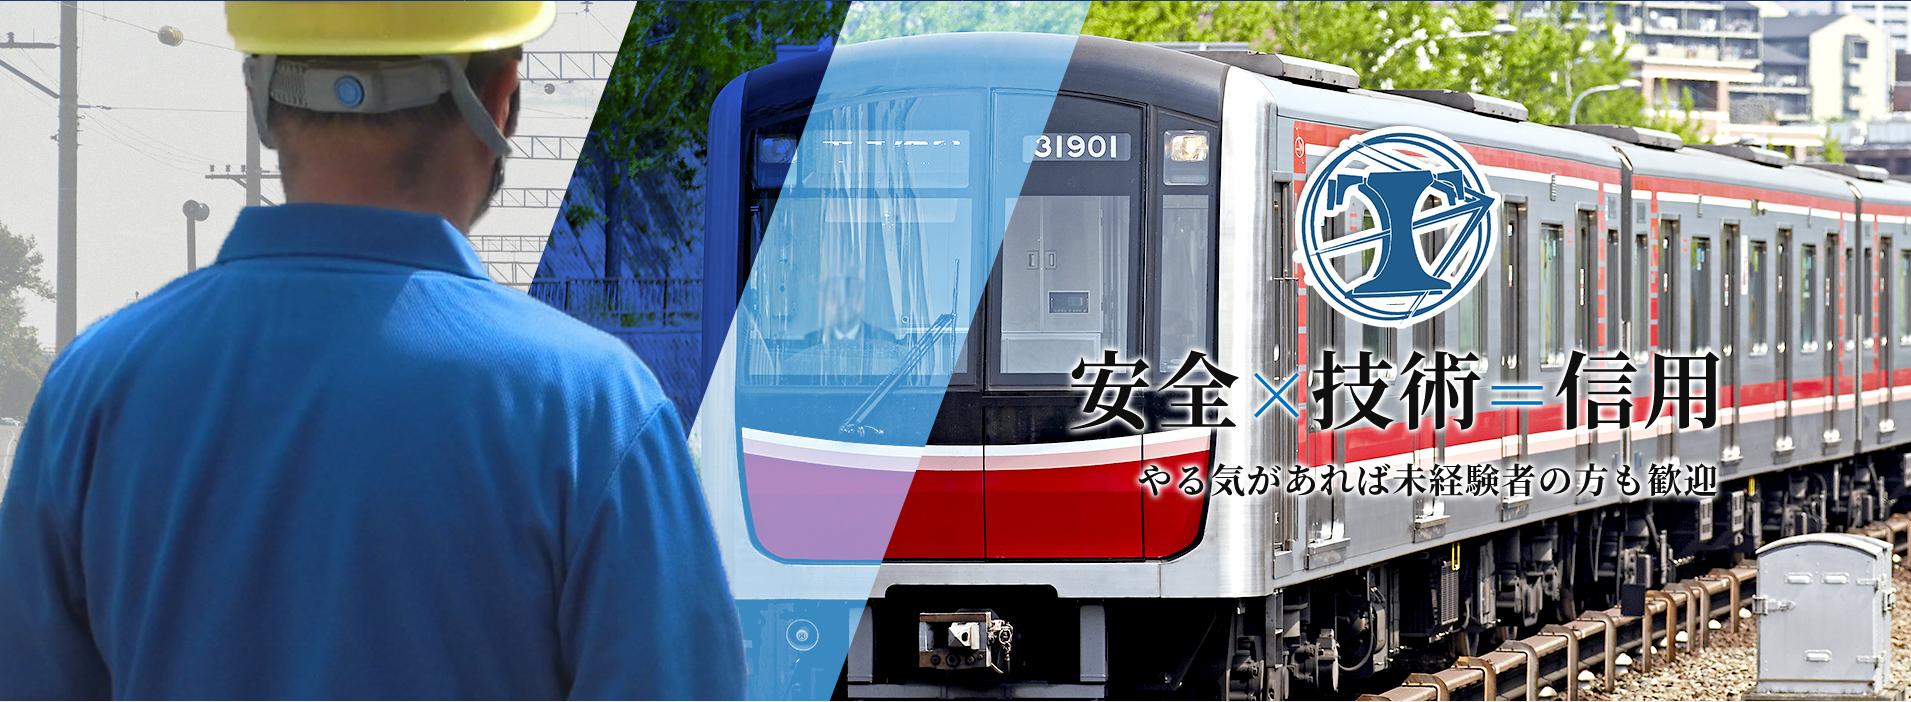 若い力を必要としている事業拡大中の大阪の会社です